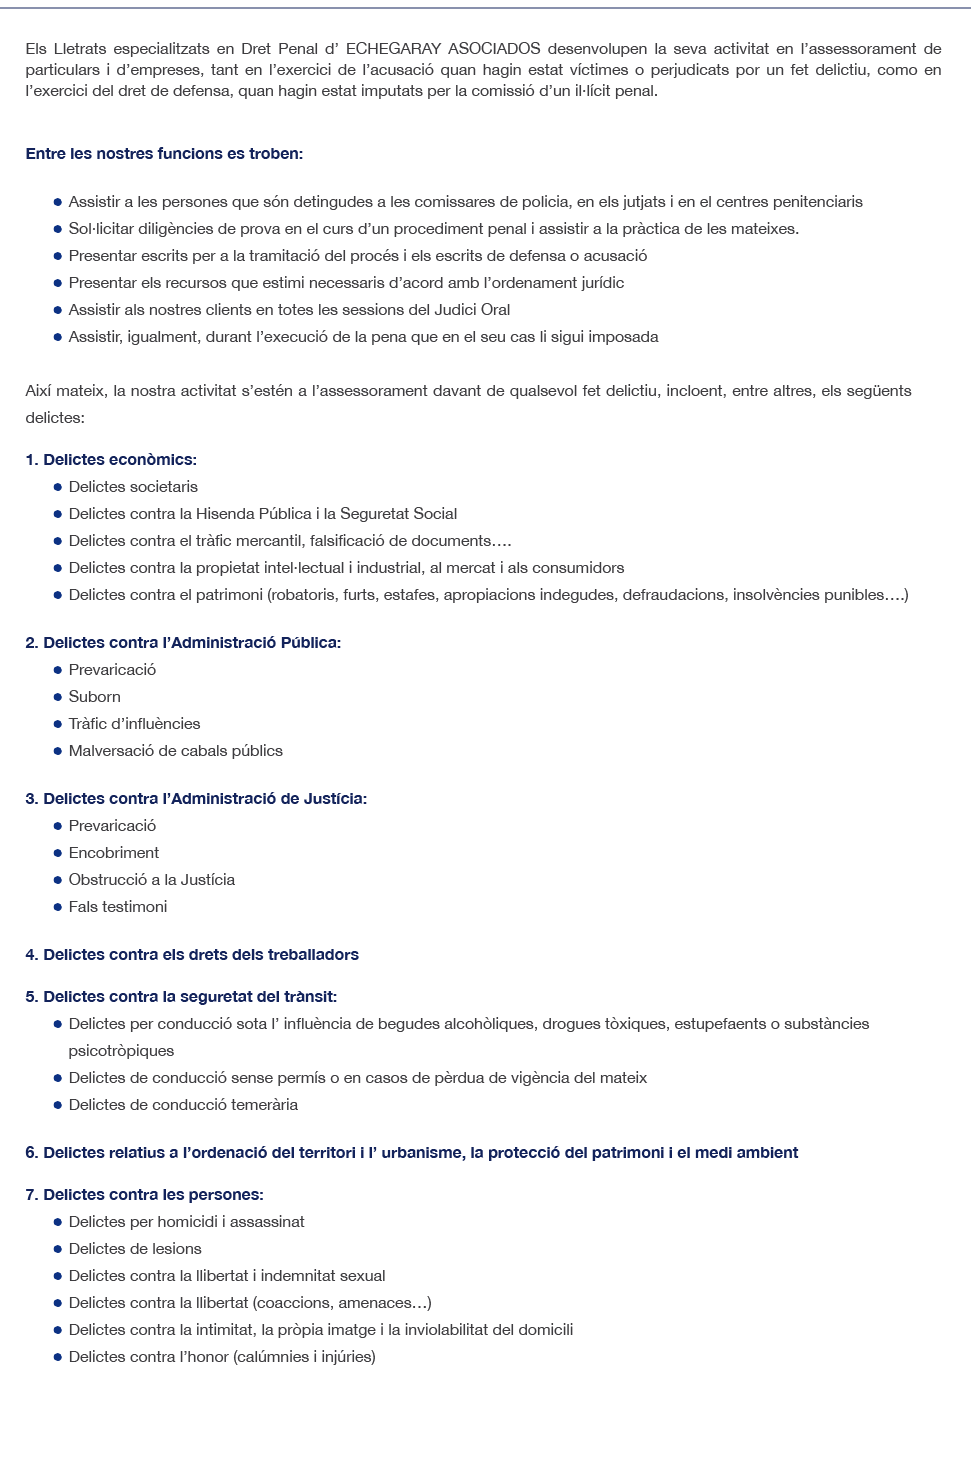 dret_penal-10